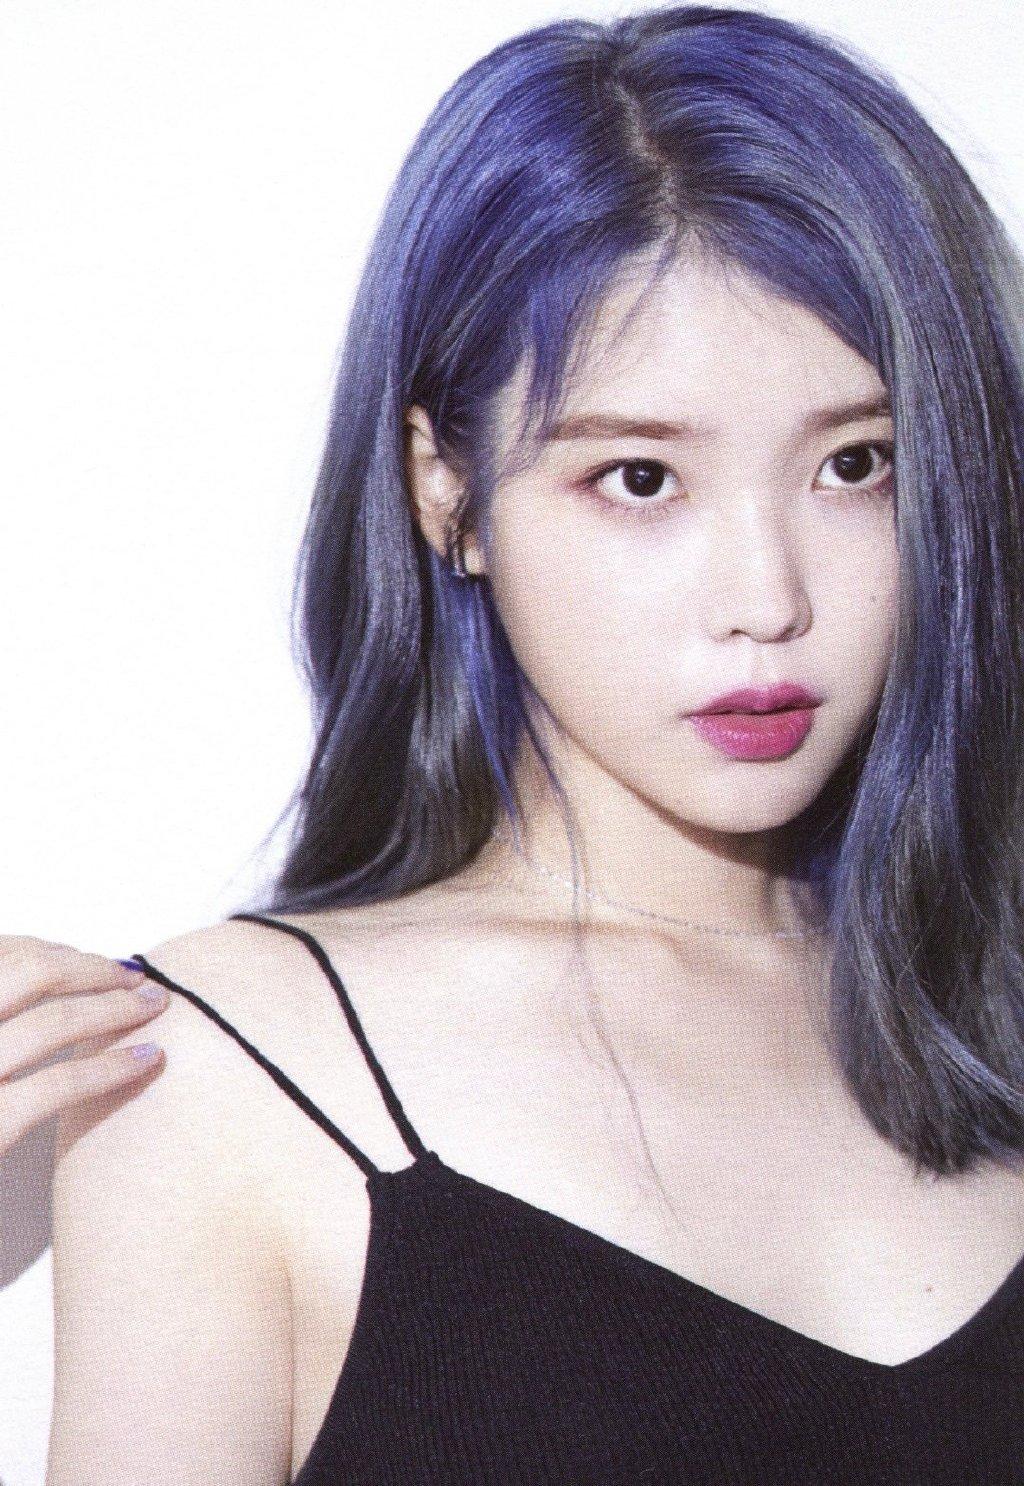 蓝发IU合集,真的好美